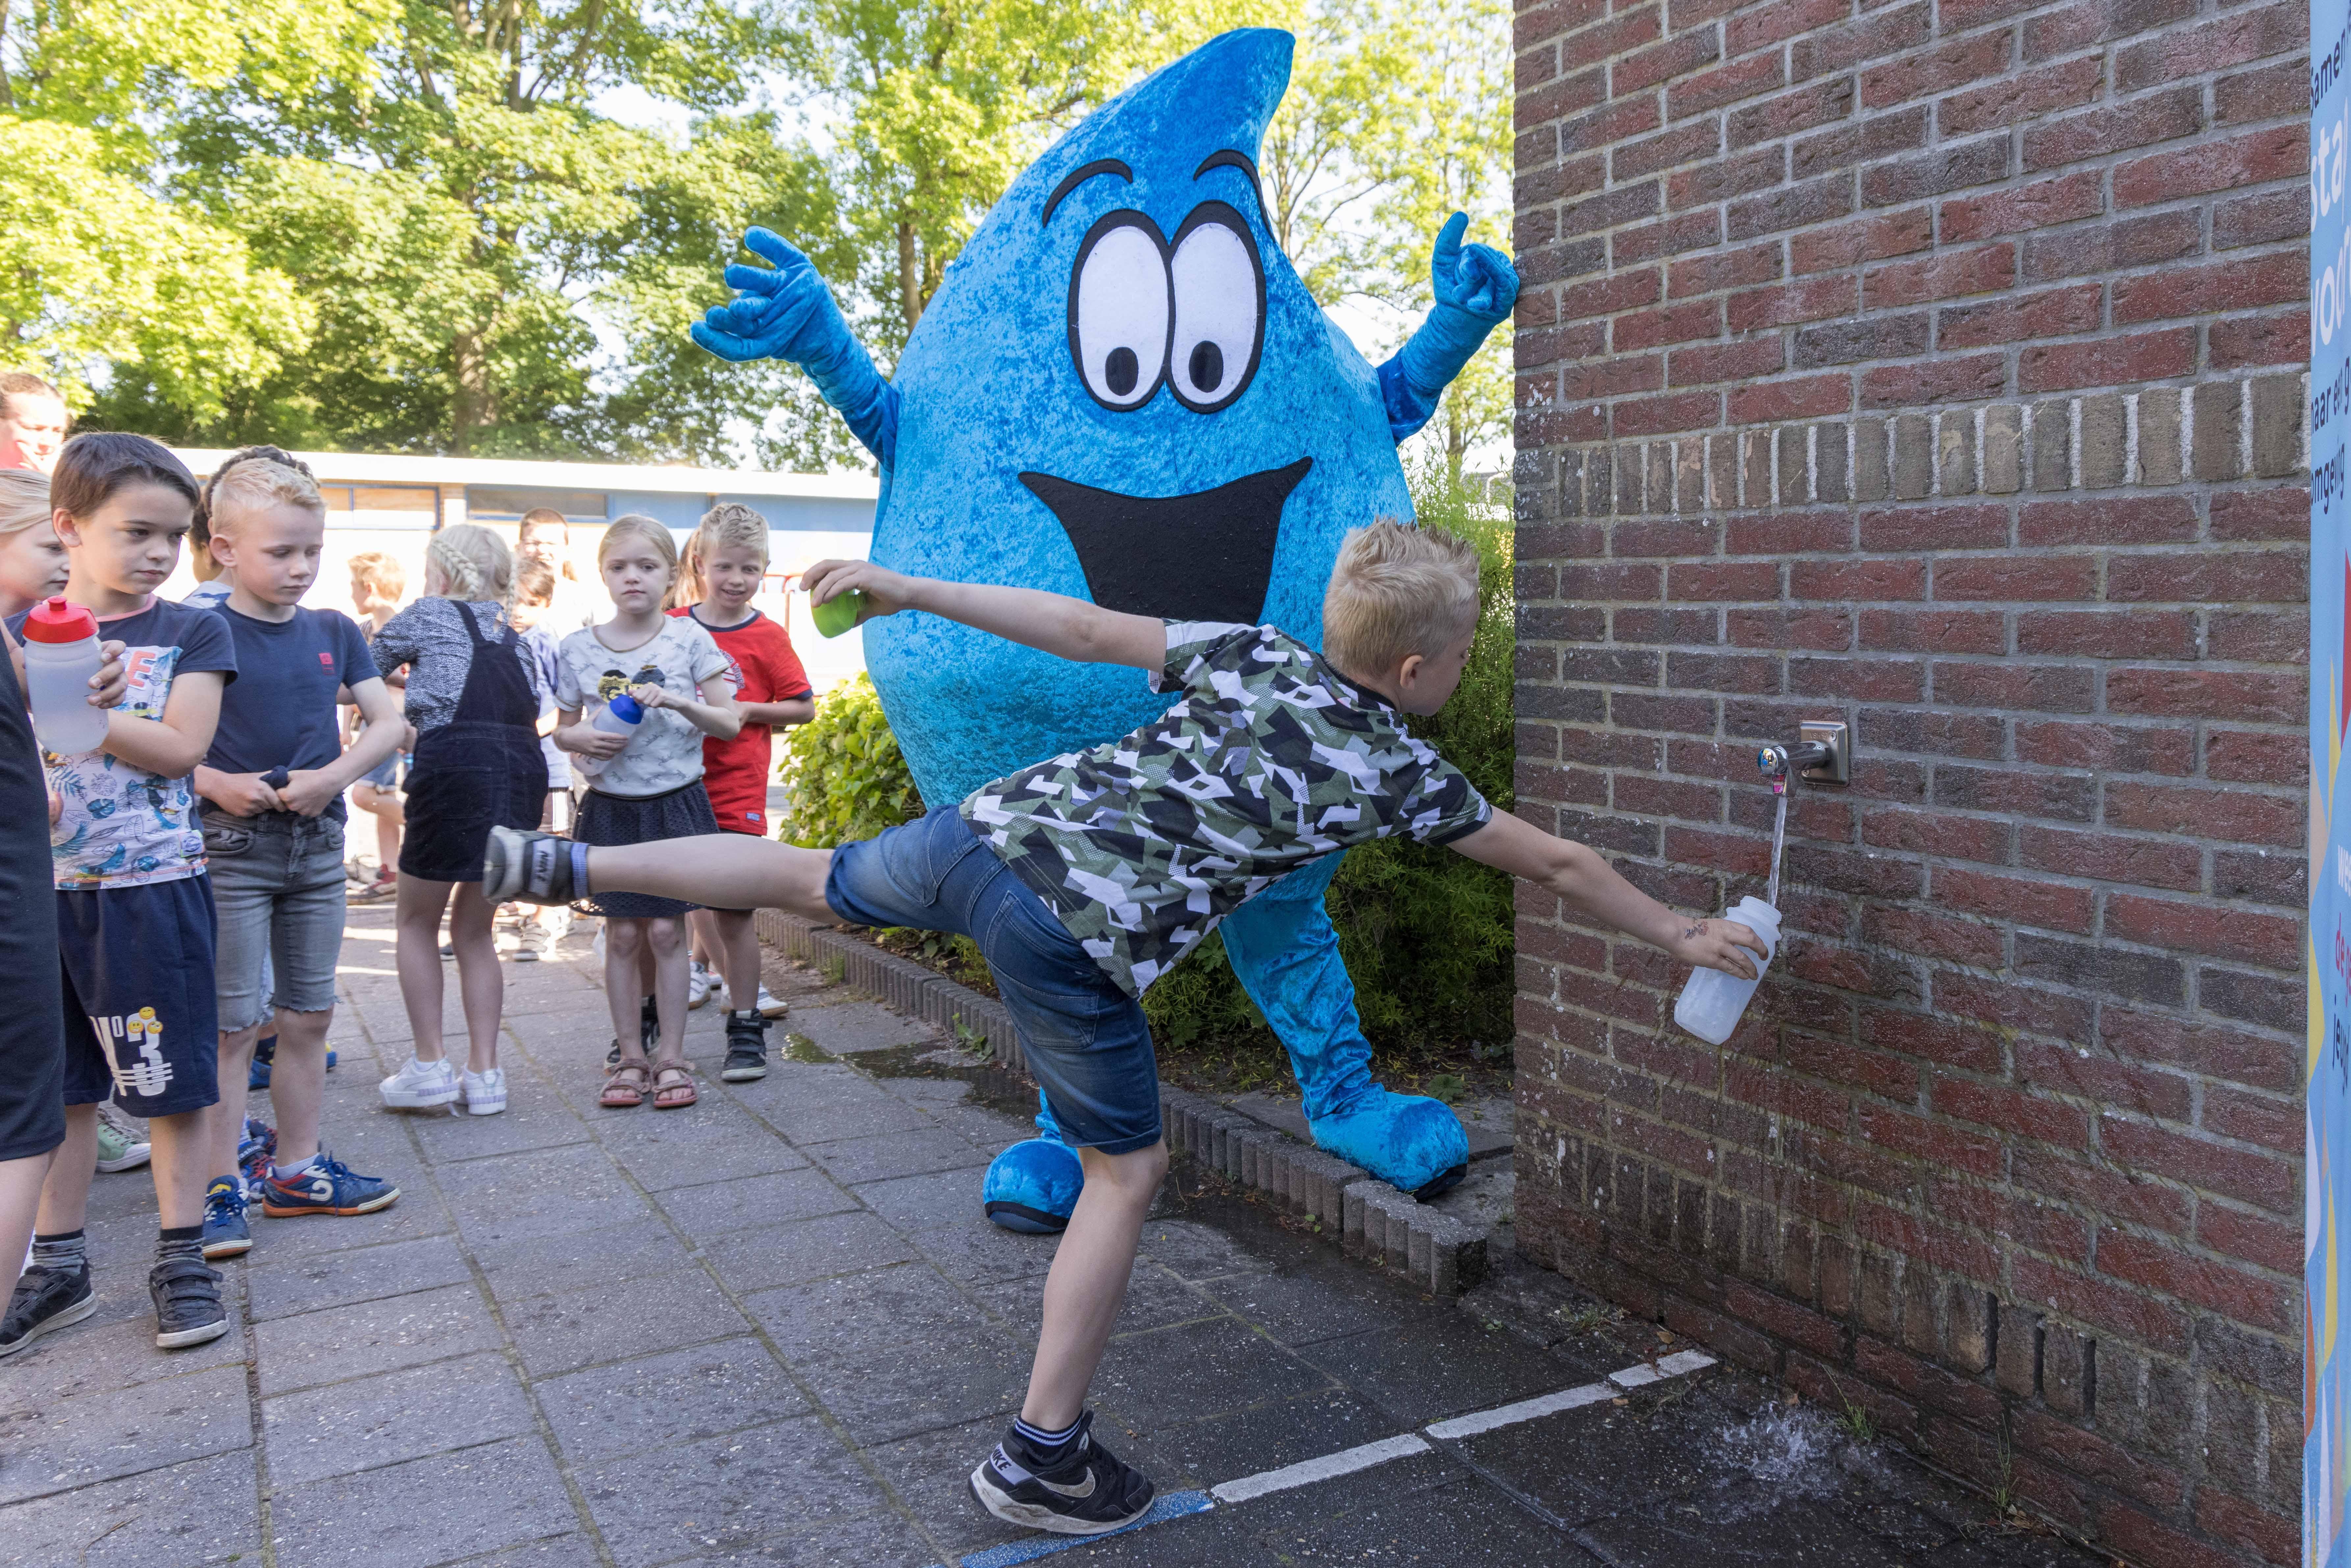 'Water drinken is de basis van een gezonde leefstijl.' Watertappunt geopend op St. Nicolaasschool in Nibbixwoud